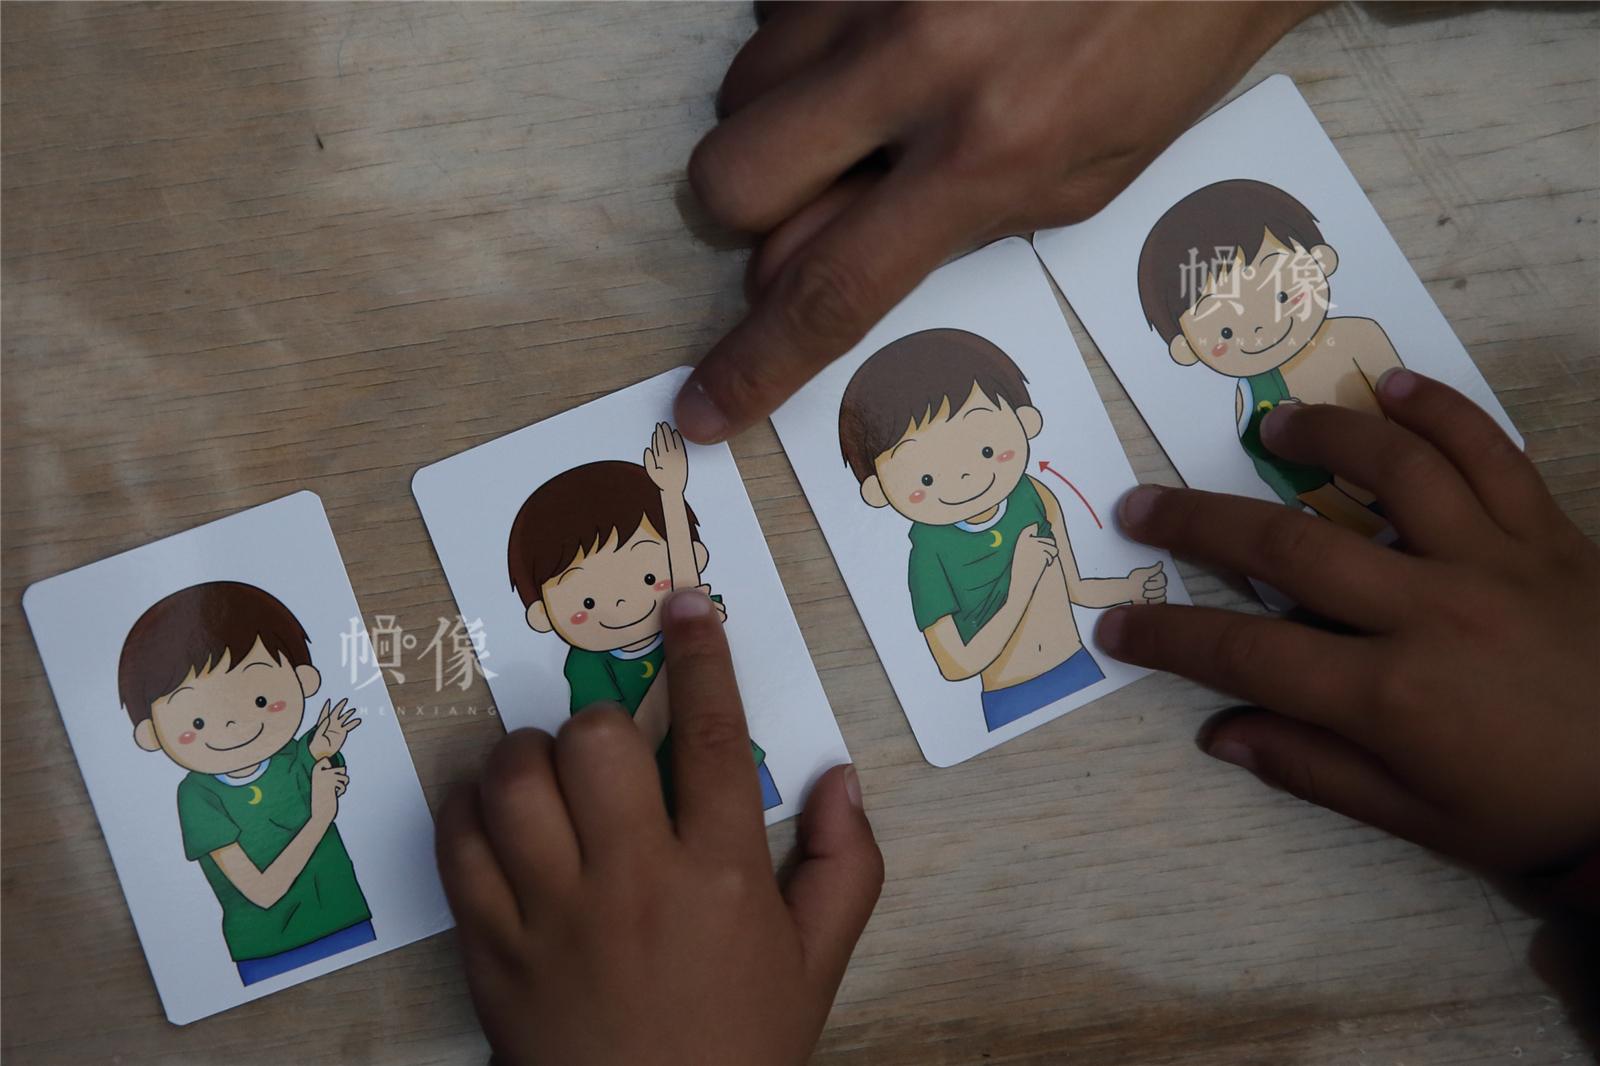 2017年3月27日,北京星星雨教育研究所,5岁的自闭症孩子源源在母亲的陪伴下,进行图画顺序训练。中国网记者陈维松 摄